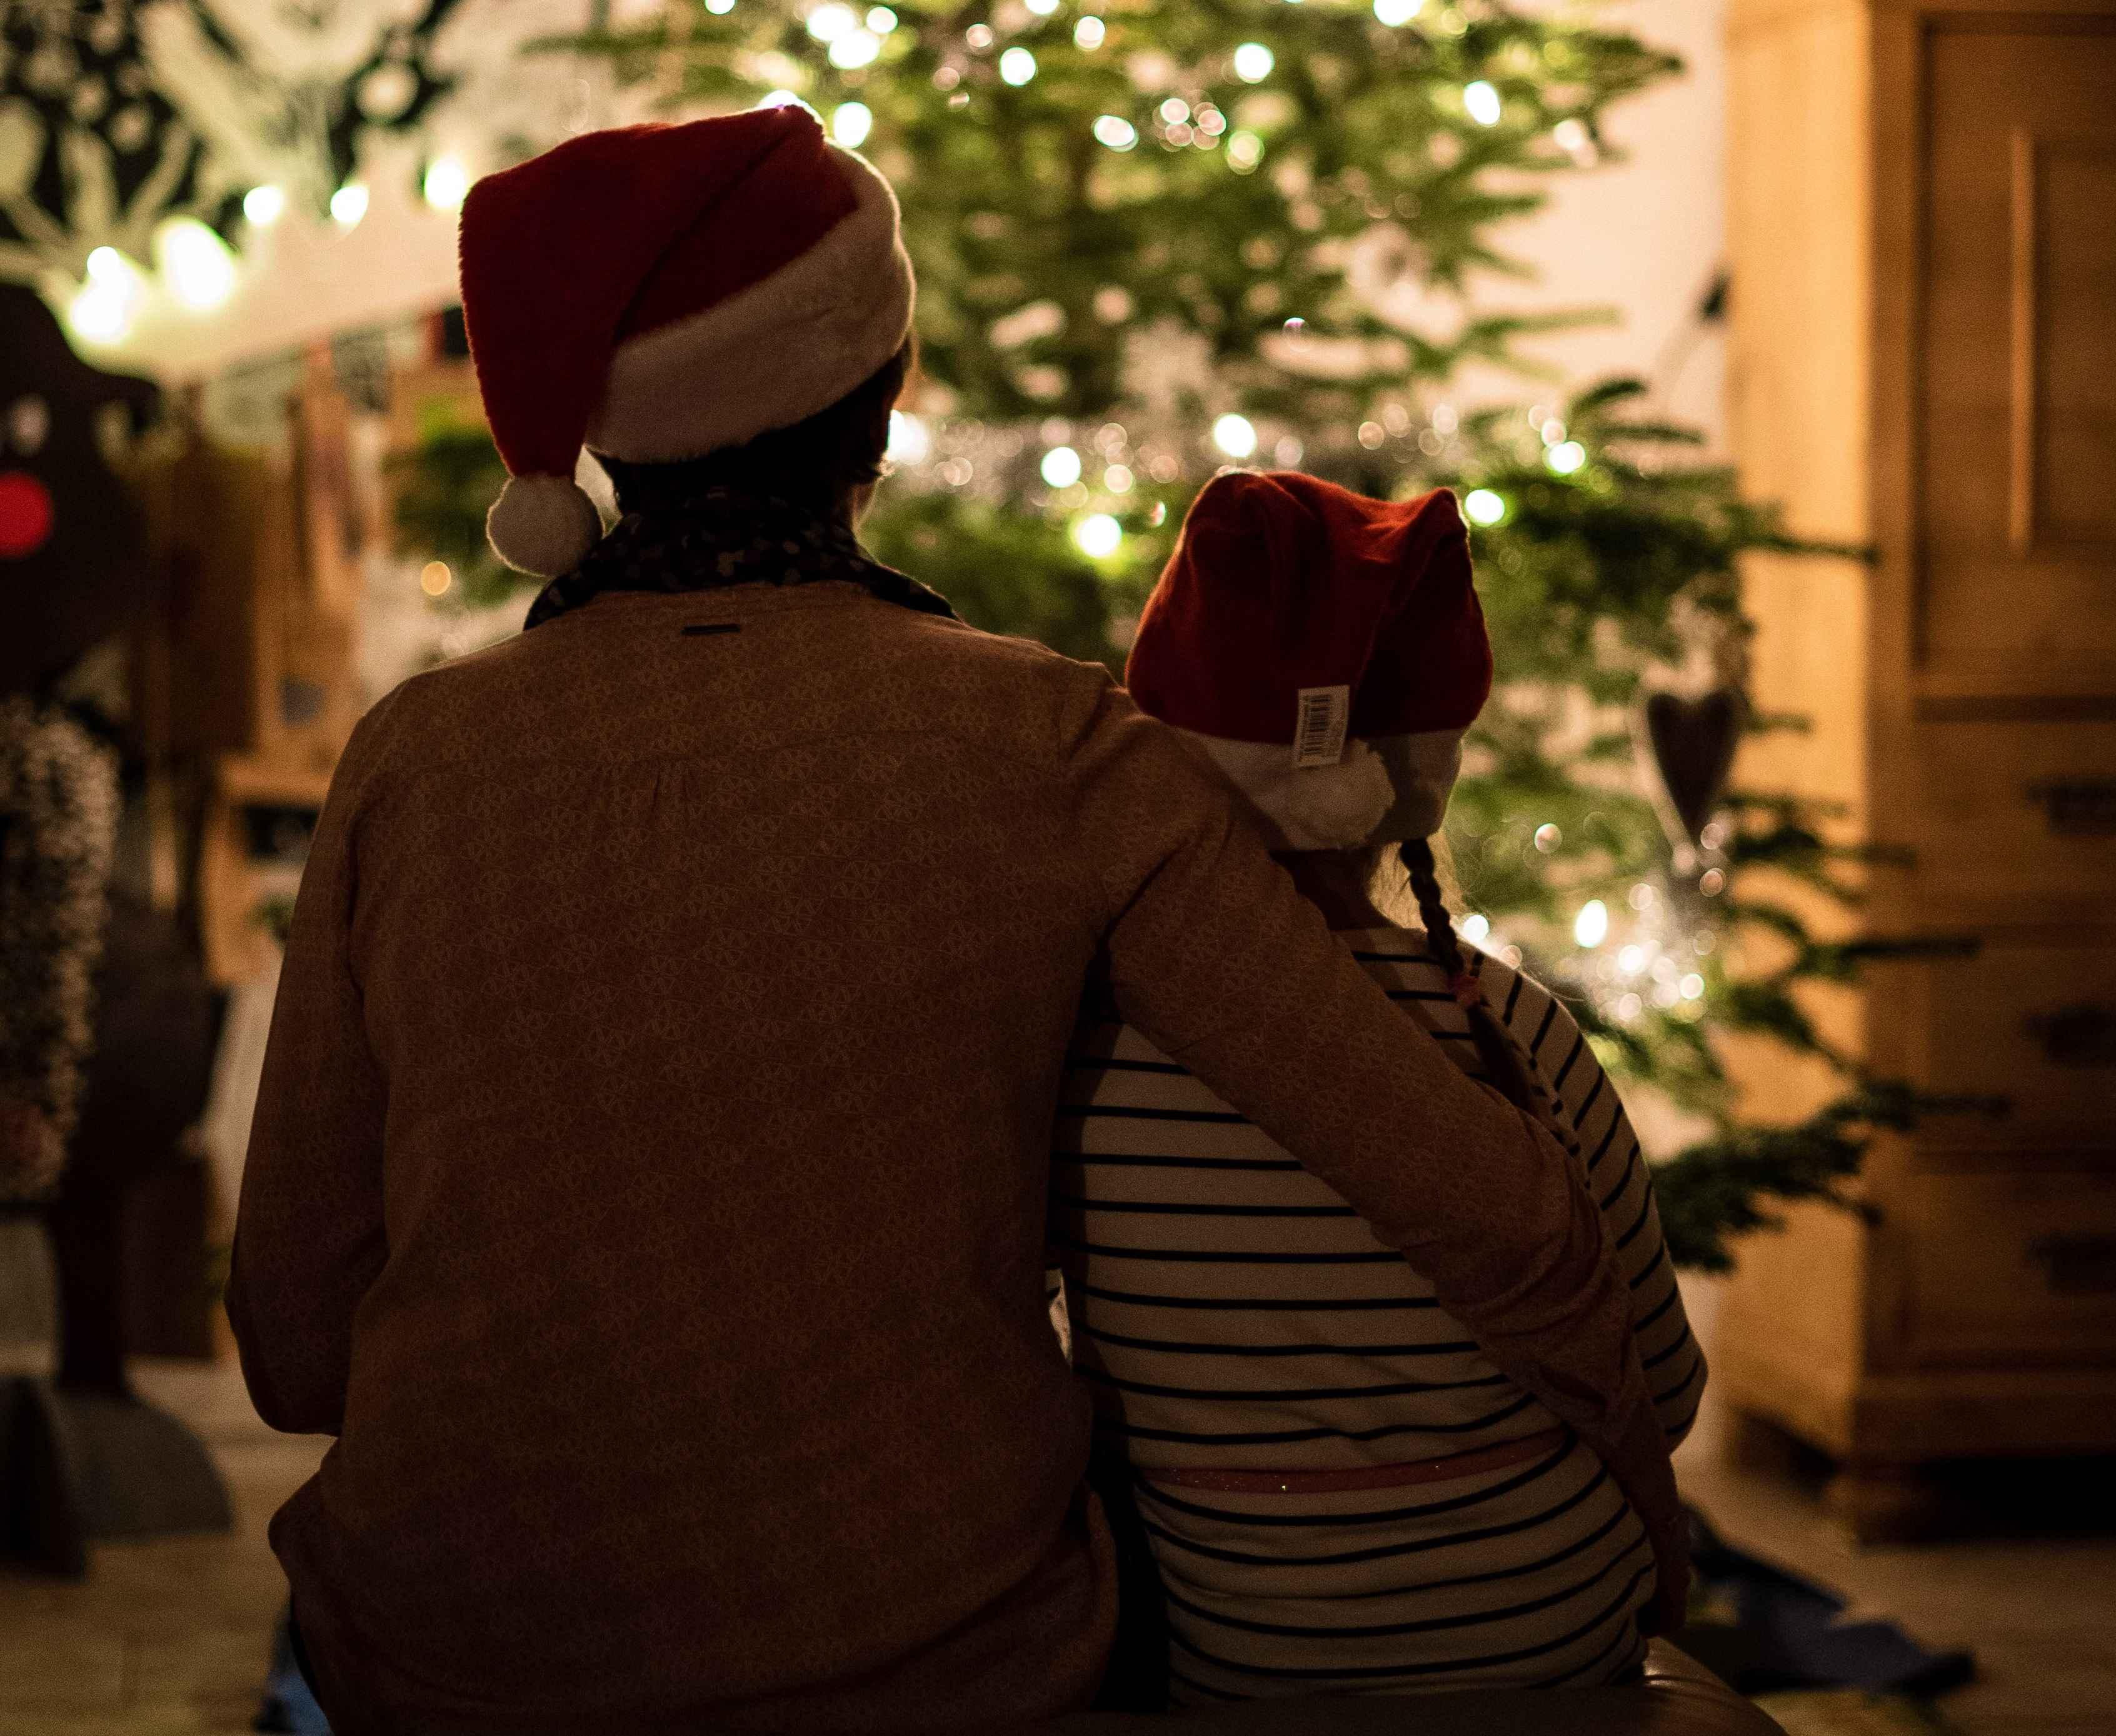 Reunir-se com a família nas festas de fim de ano pode aumentar o risco de contágio.